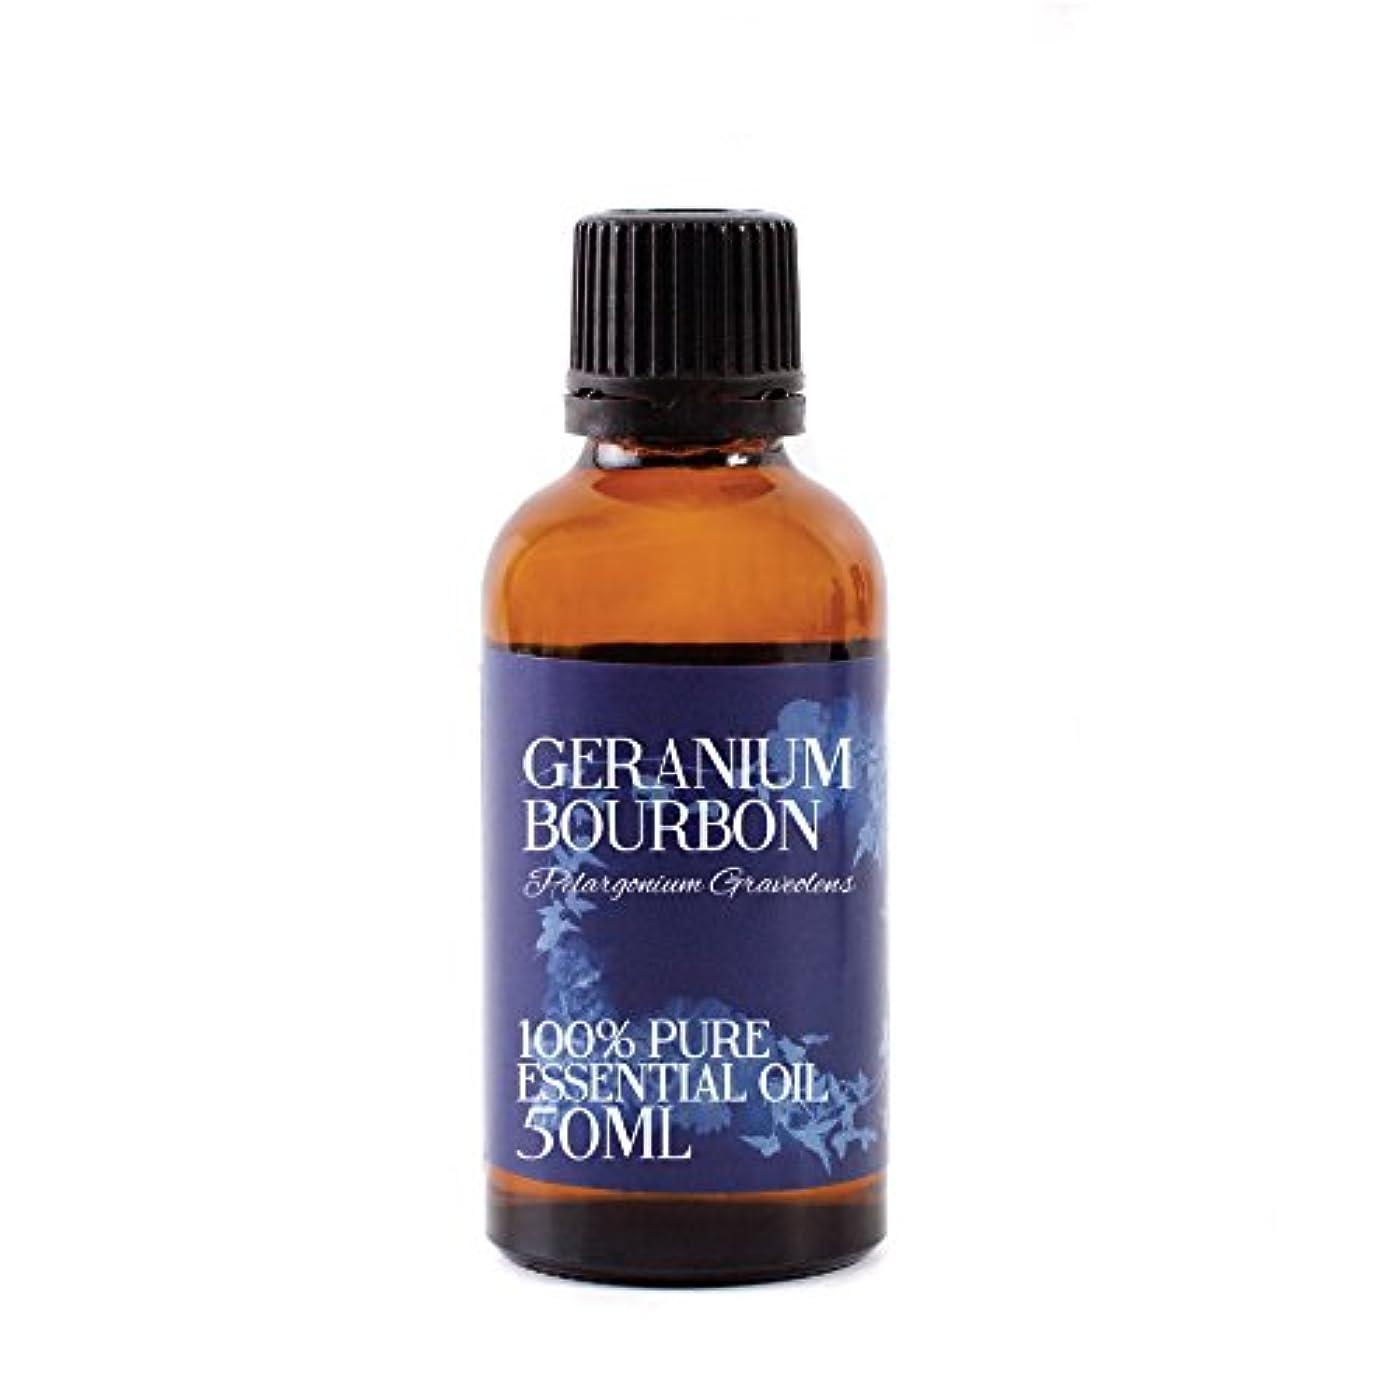 ダーリン鳴り響くエネルギーMystic Moments | Geranium Bourbon Essential Oil - 50ml - 100% Pure